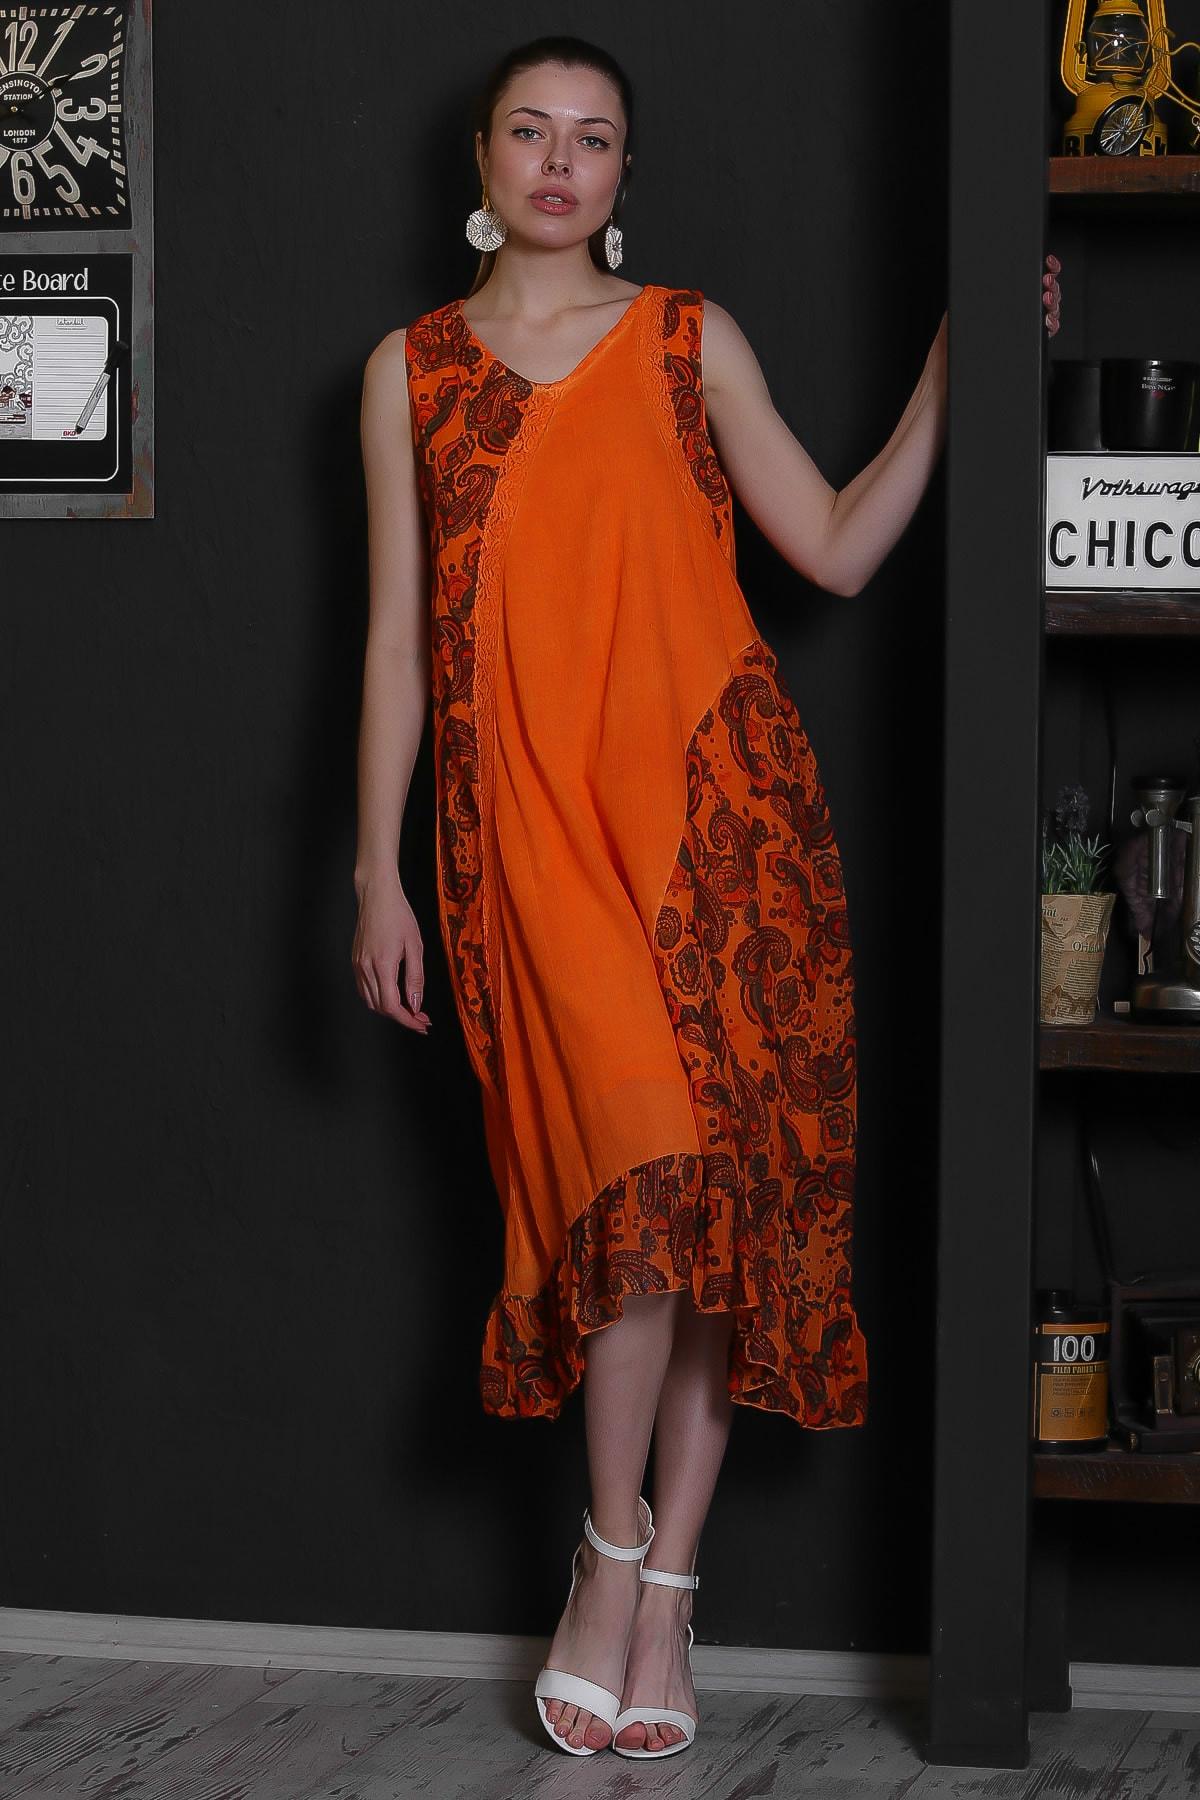 Chiccy Kadın Turuncu V Yaka Kolsuz Şal Desenli Tülbent Detaylı Kopenakili Astarlı Elbise M10160000EL95319 1